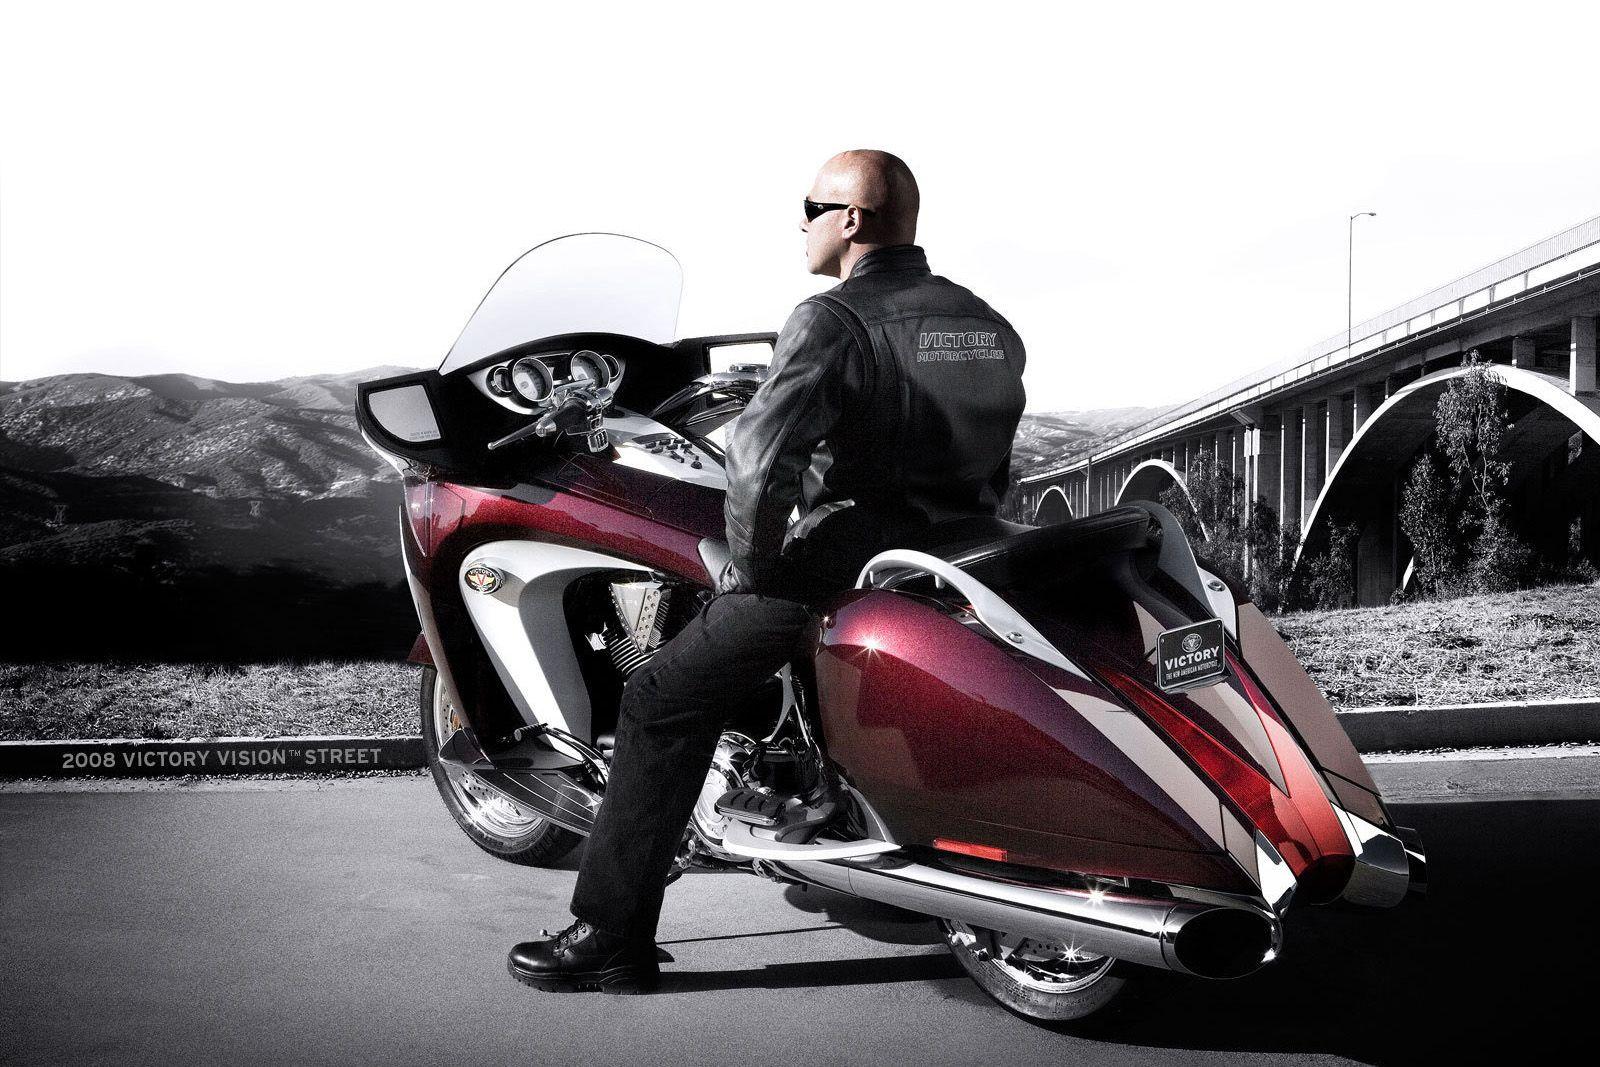 victory petit constructeur de moto am ricaine de l 39 iowa moto scooter marseille occasion moto. Black Bedroom Furniture Sets. Home Design Ideas